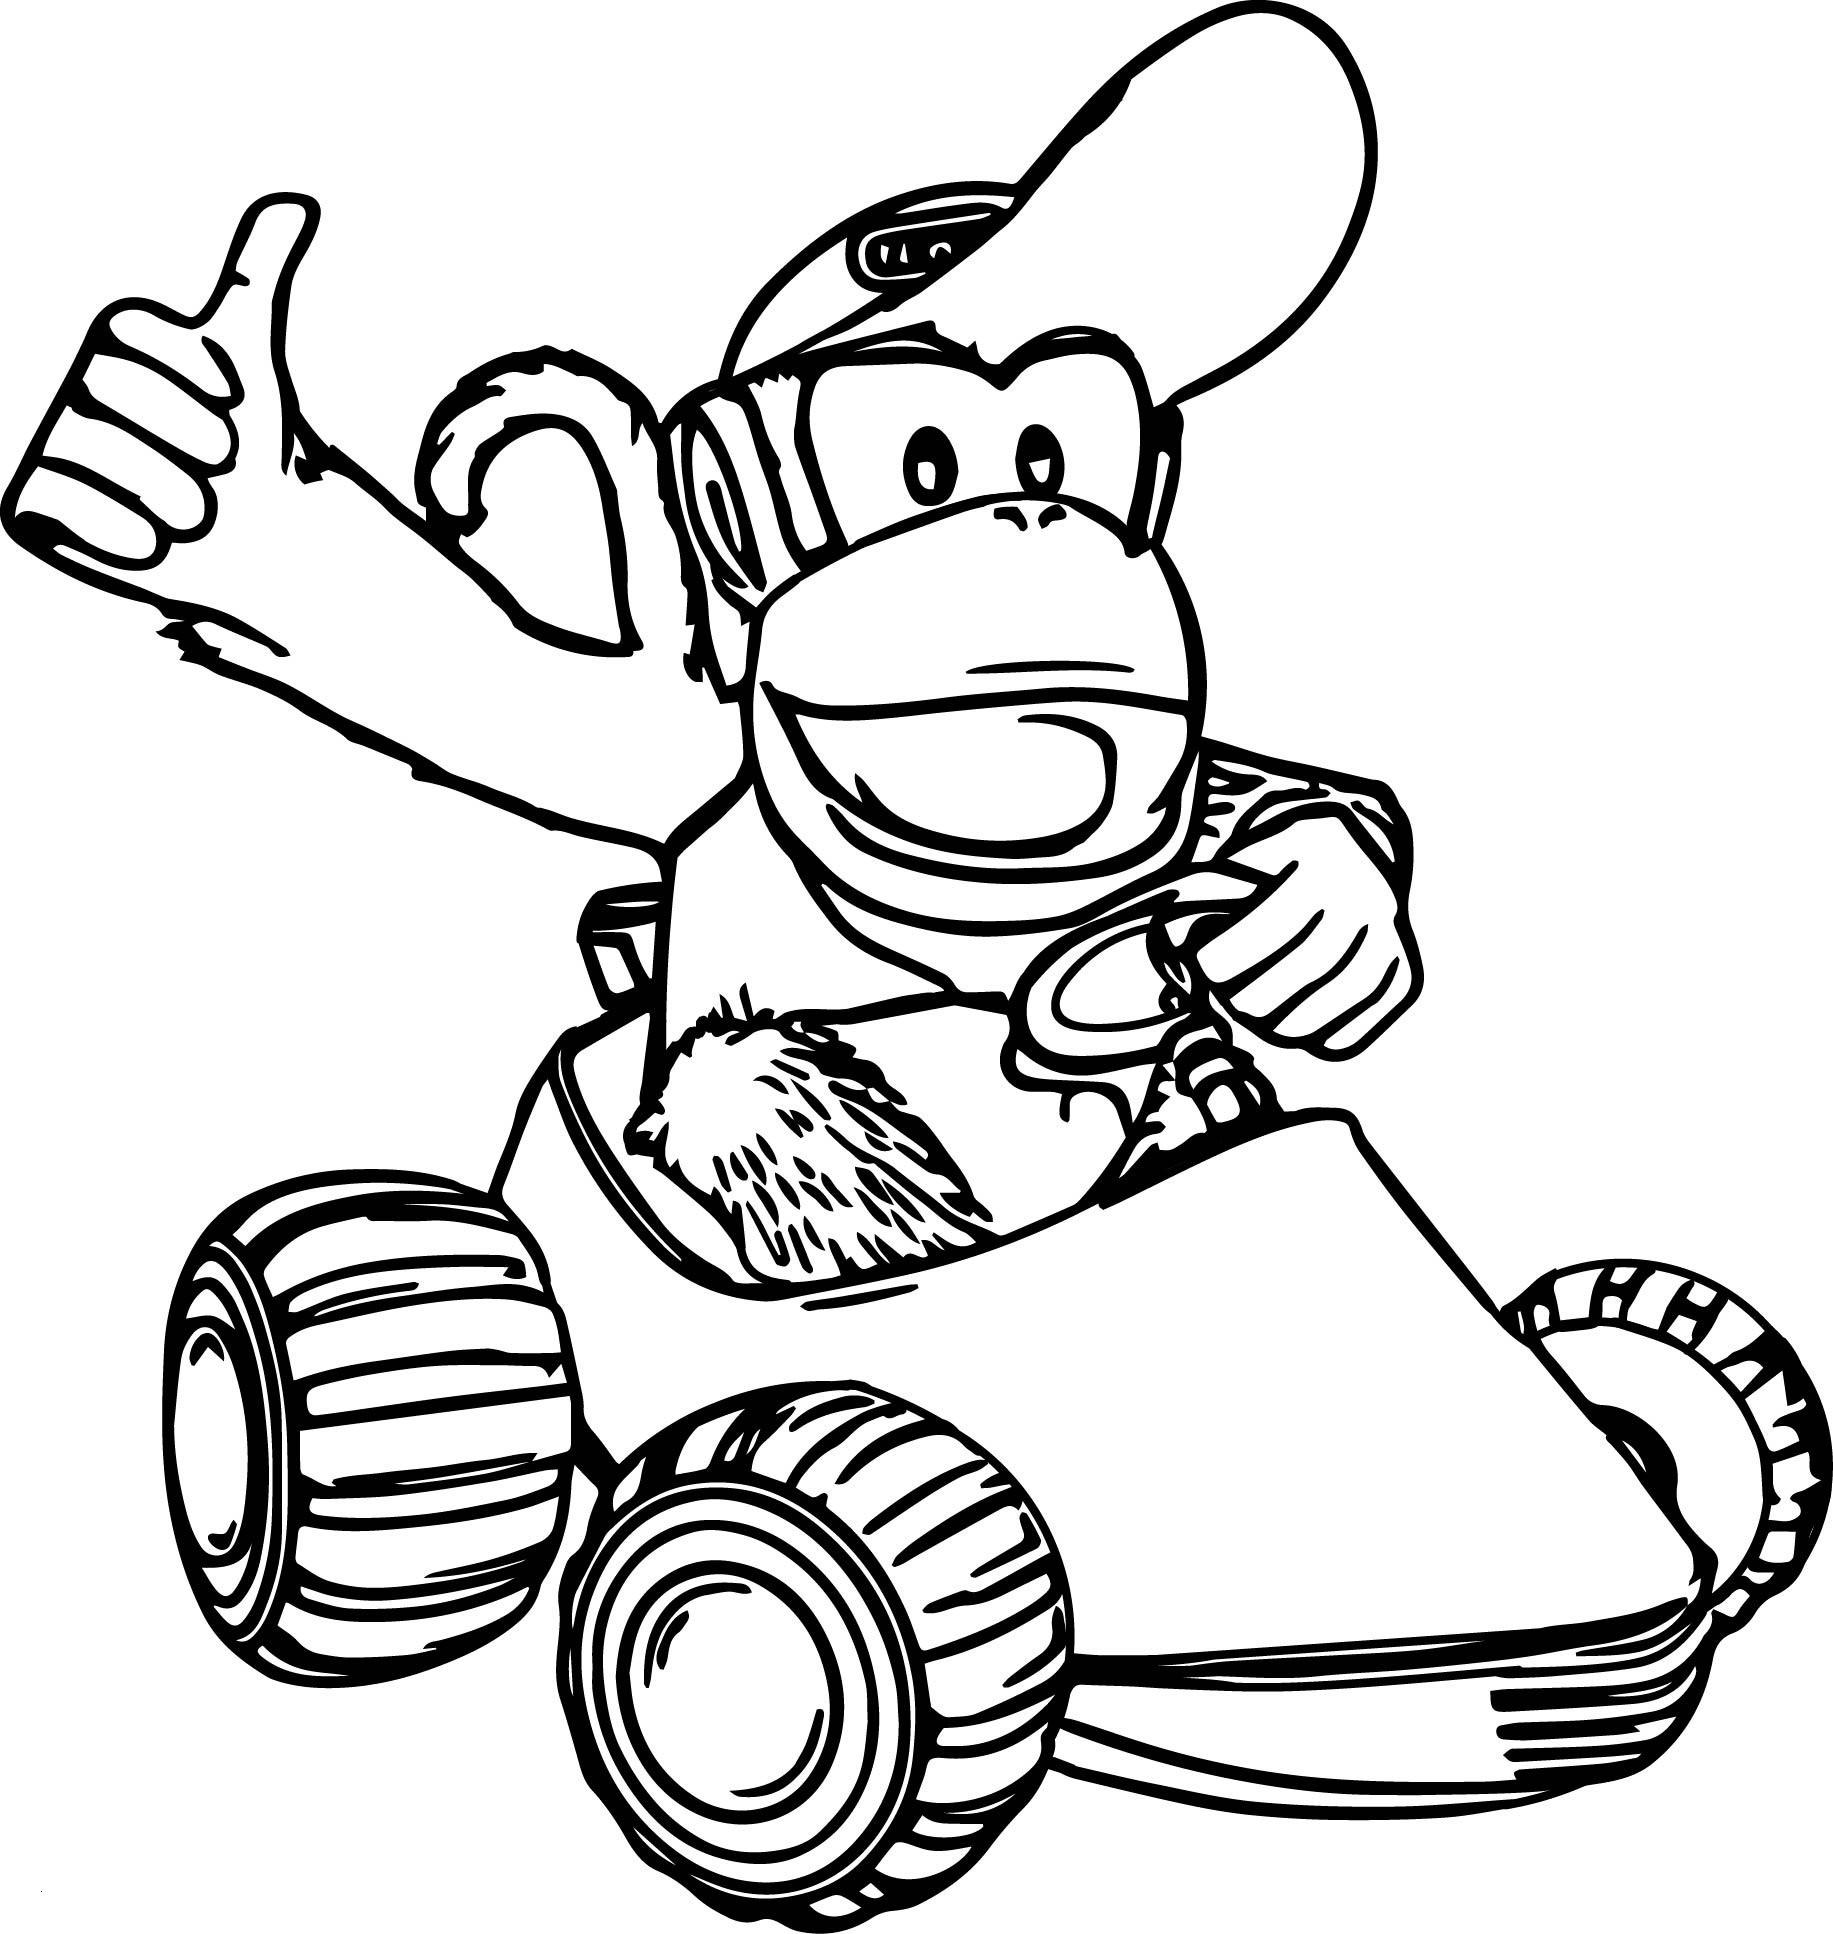 Malvorlage Super Mario Das Beste Von Ausmalbilder Mario Kart 8 Uploadertalk Best Ausmalbilder Super Das Bild